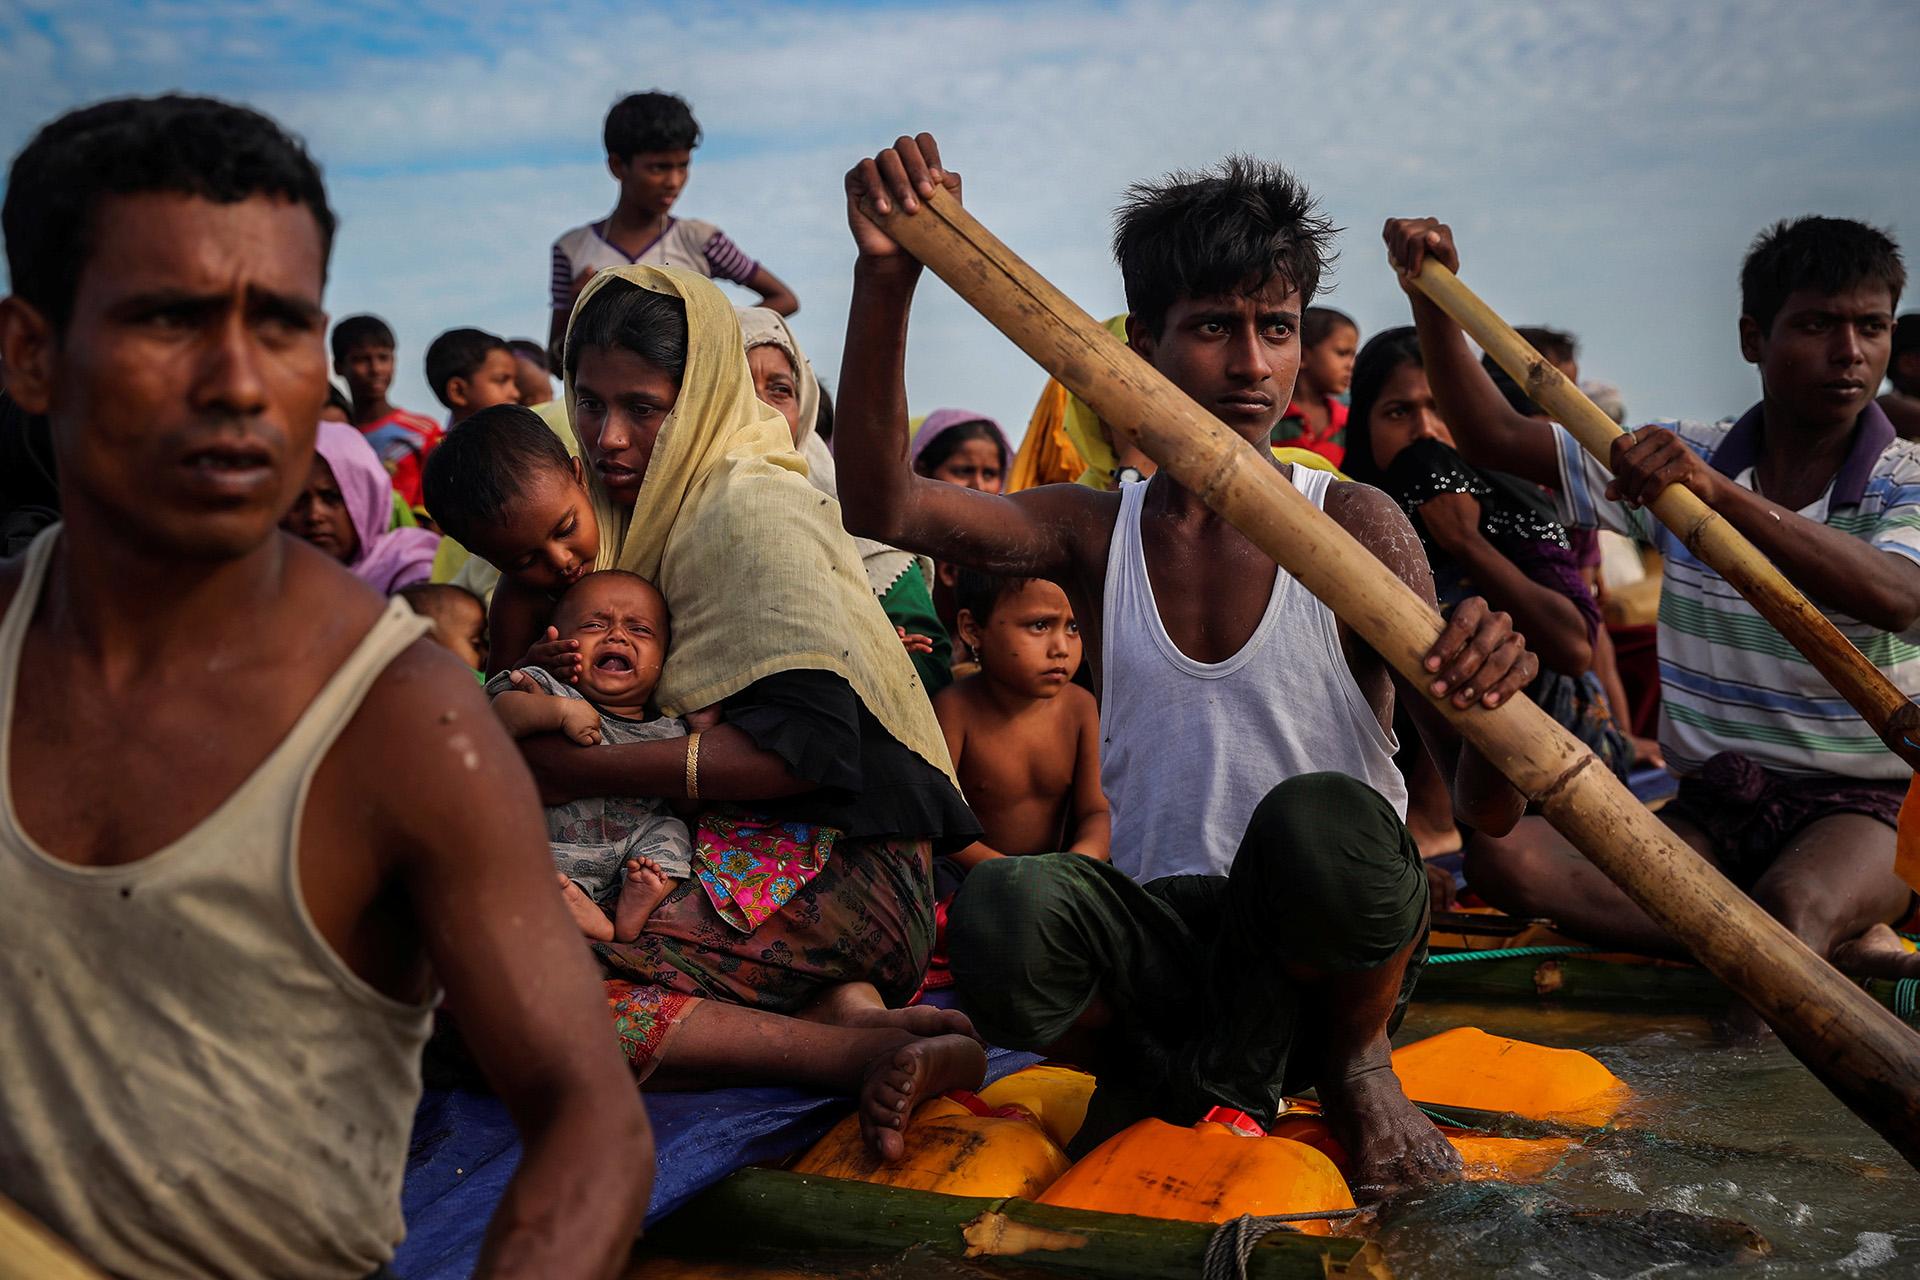 Los refugiados rohingya cruzan el río Naf con una balsa improvisada para llegar a Bangladesh en Teknaf, Bangladesh, el 12 de noviembre de 2017. Foto tomada el 12 de noviembre de 2017. (Mohammad Ponir Hossain)